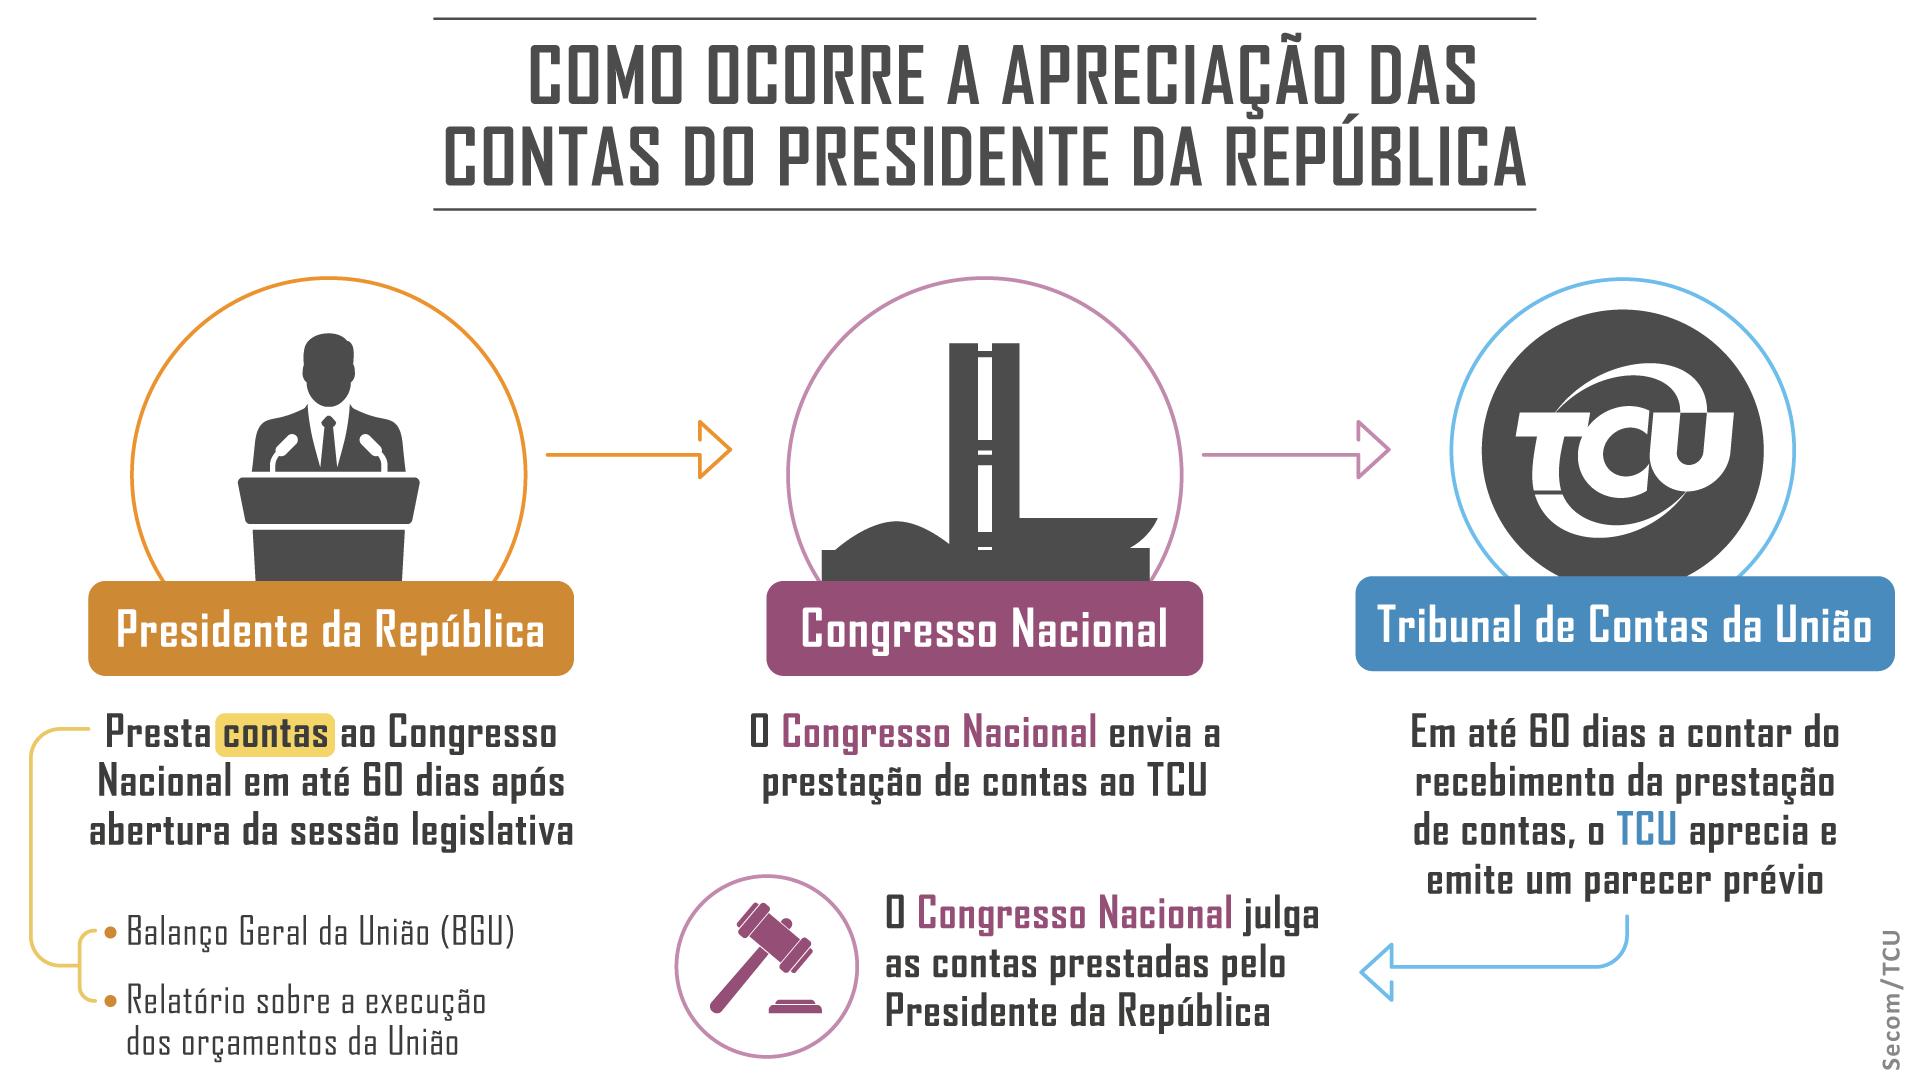 parecer_contas_presidente_republica_arte.png